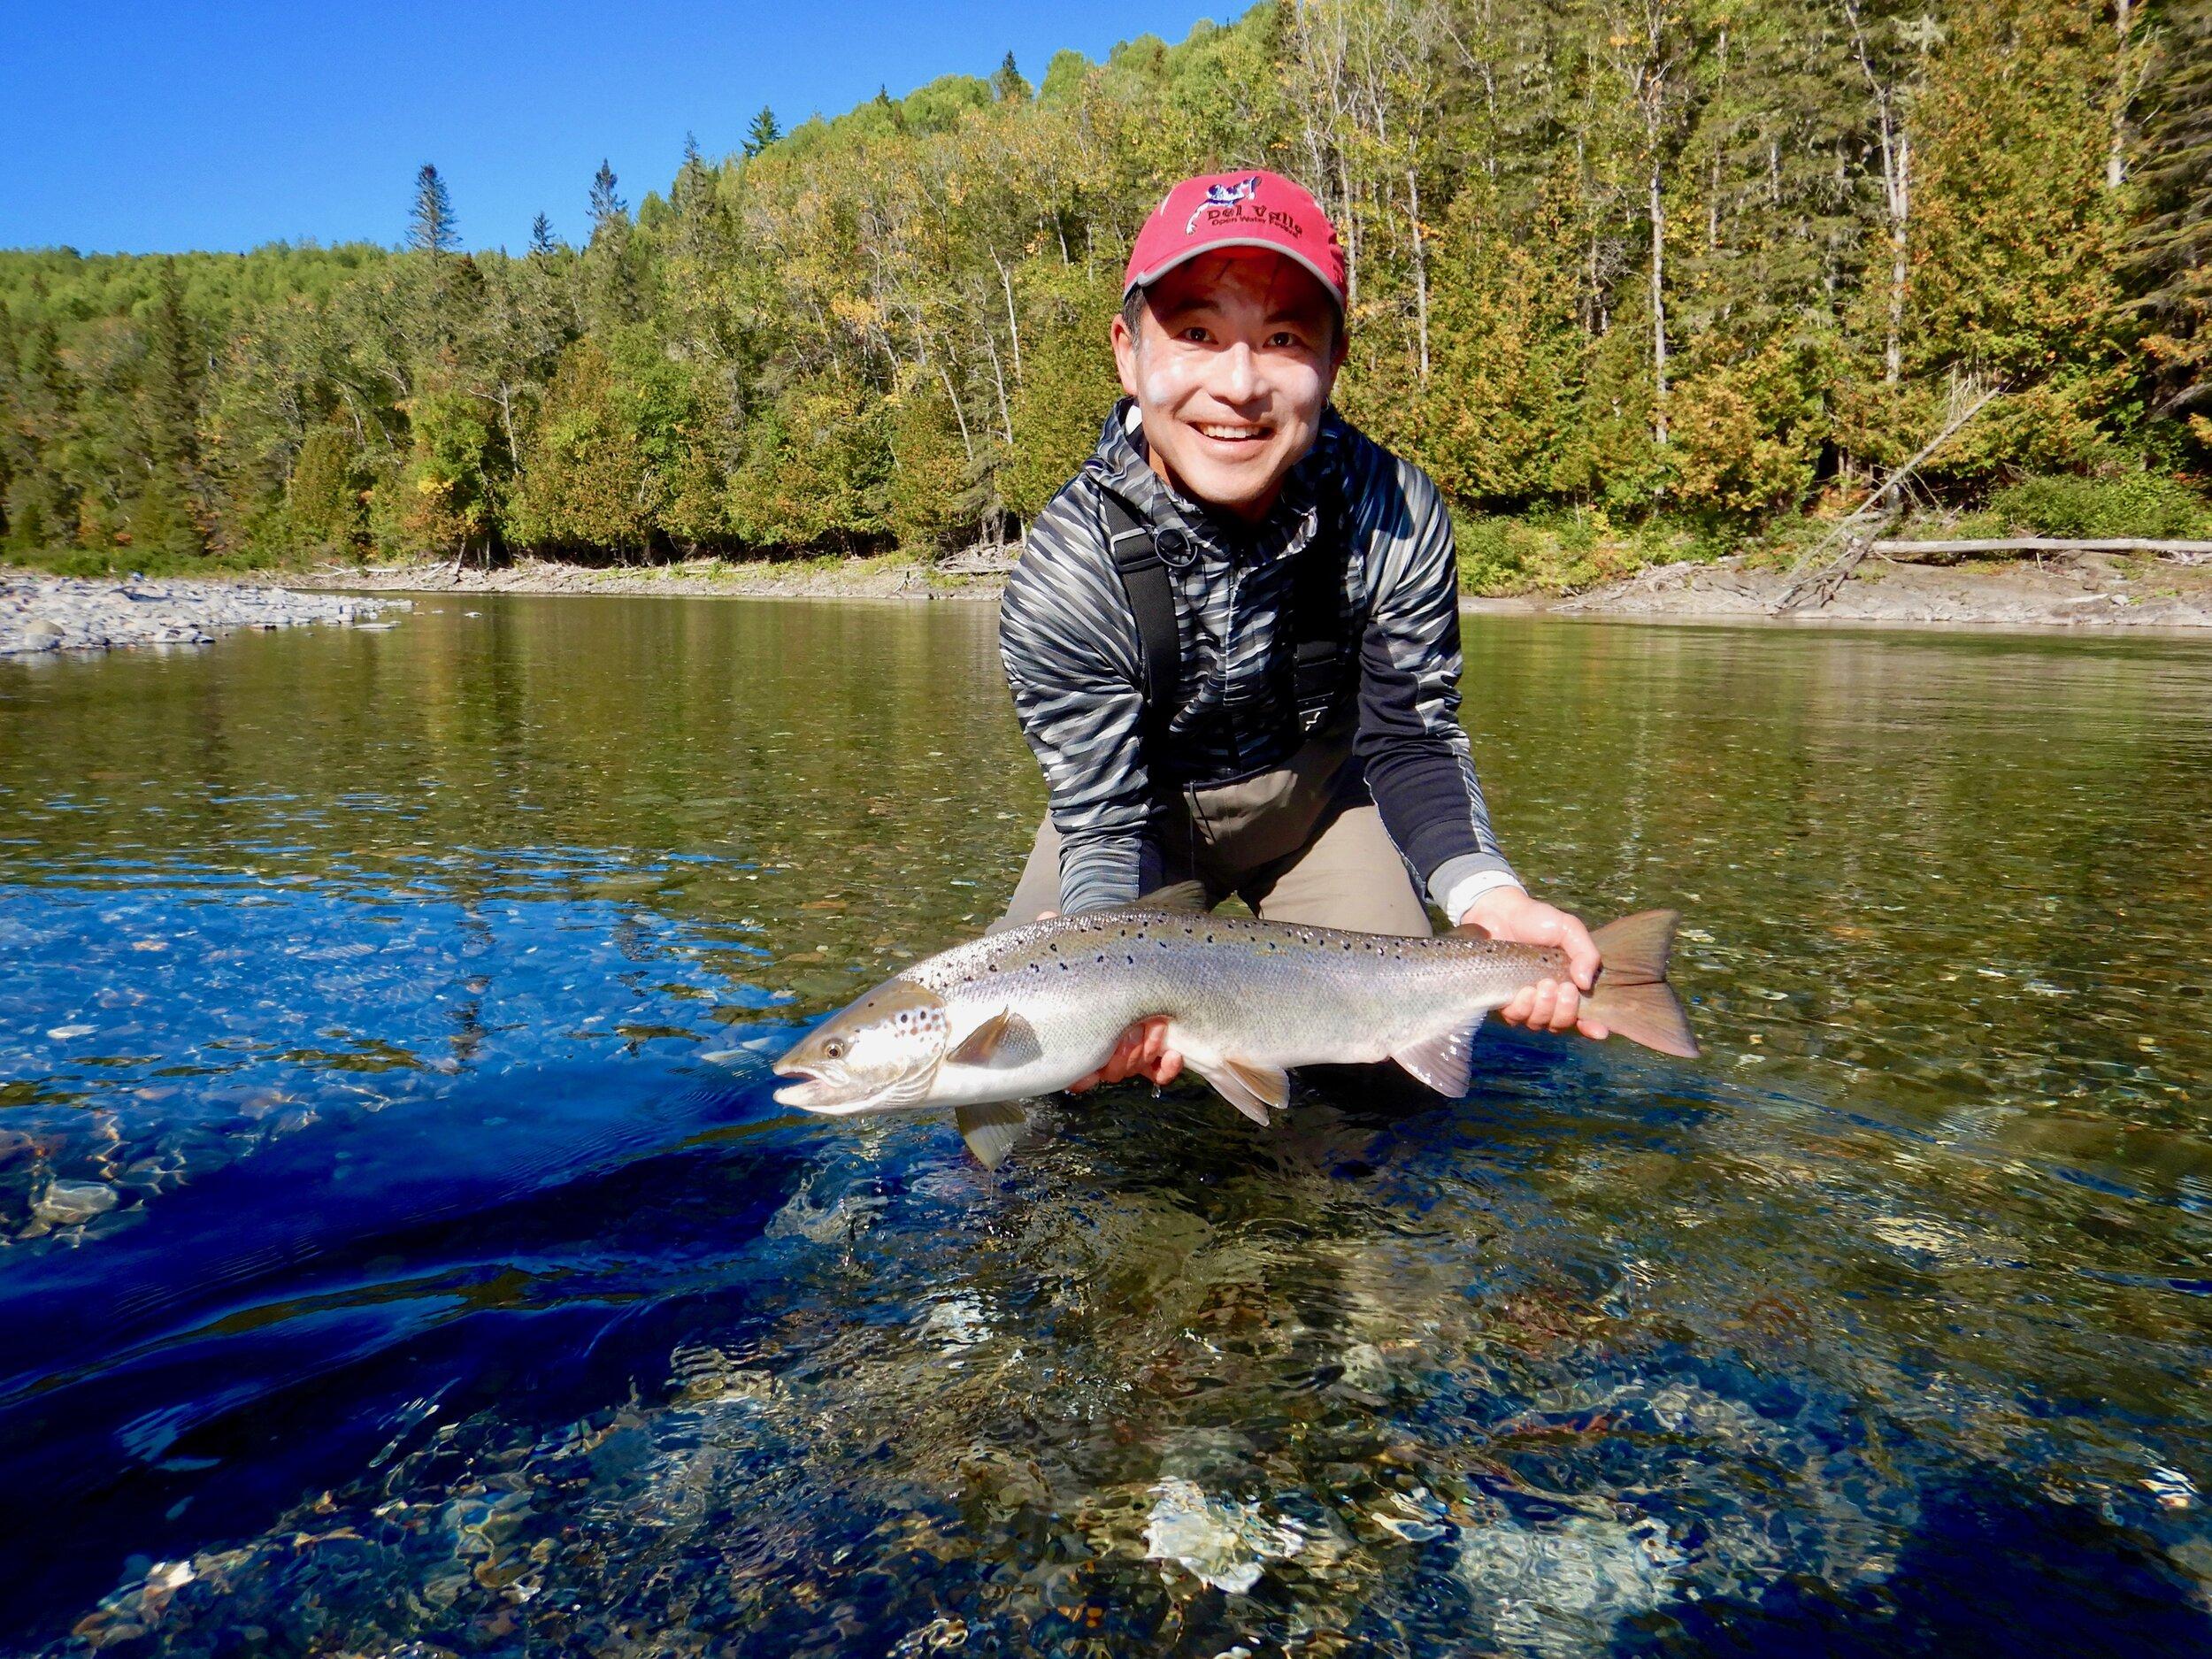 Nous avons accueilli Ludwig Lin pour la première fois à Salmon Lodge cette année et voilà qu'il a capturé ce beau saumon dans la Rivière Bonaventure. Bien joué, Ludwig!